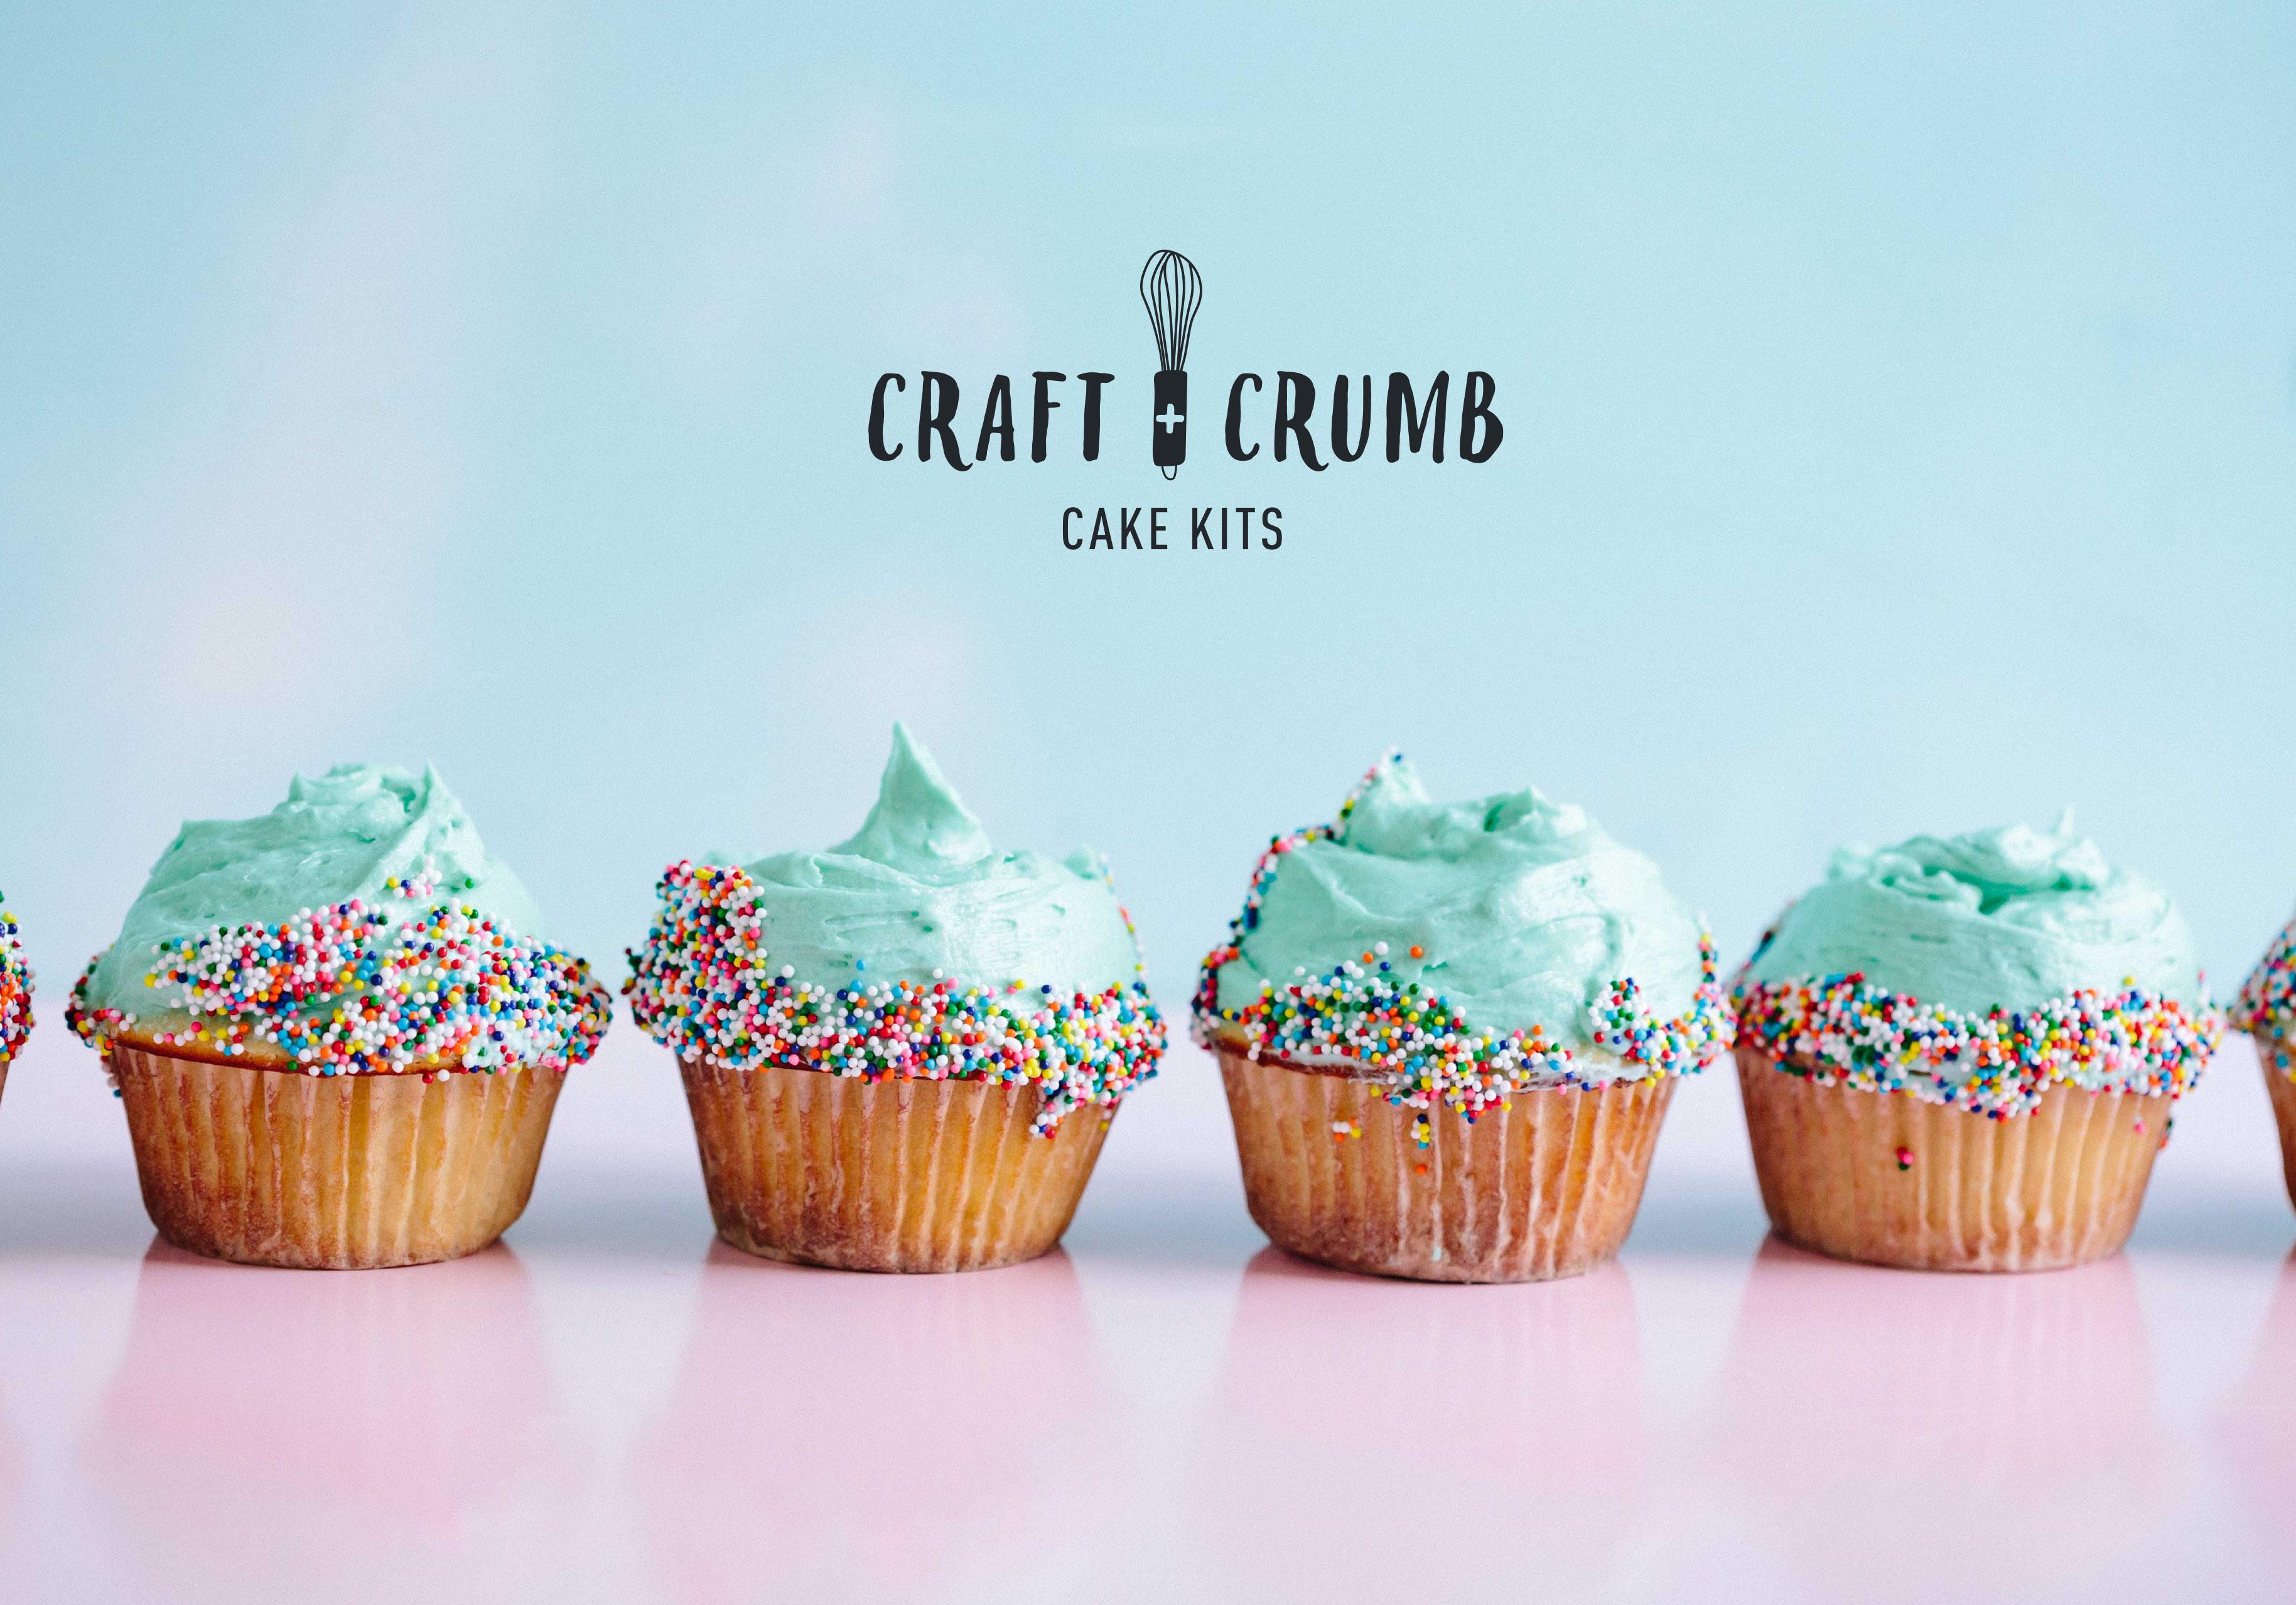 Craft-&-crumb-cakes